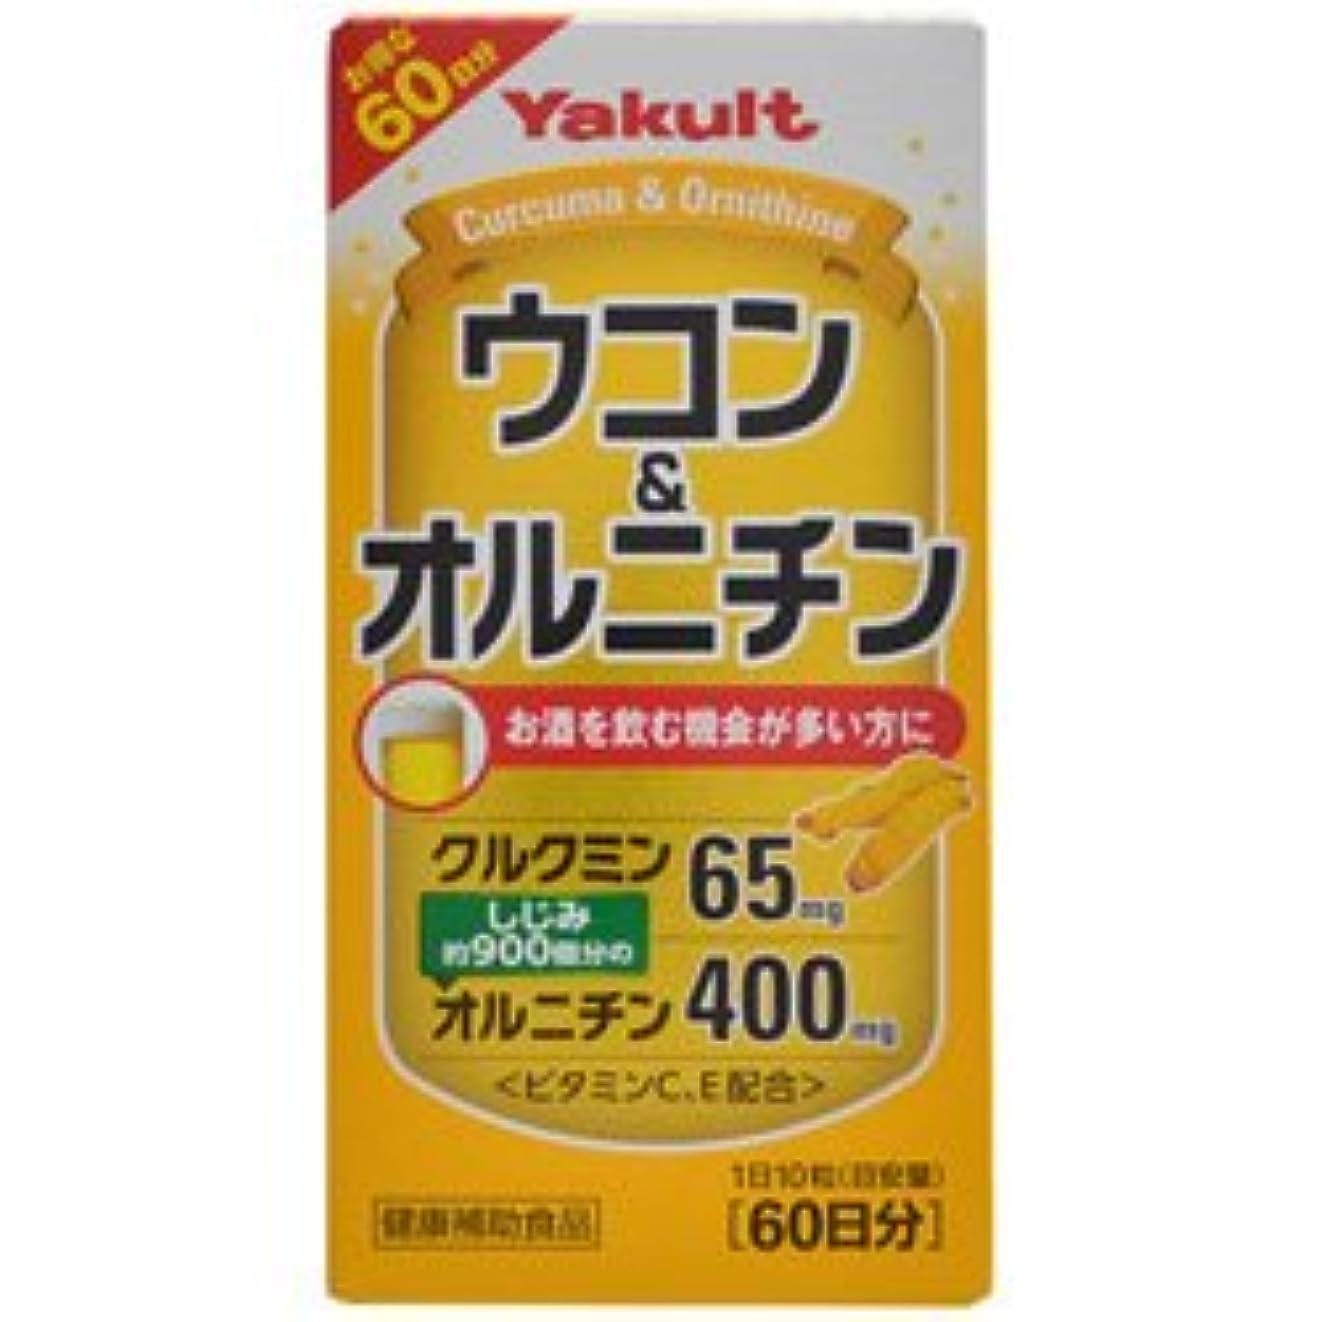 甘味補助モードリン【ヤクルトヘルスフーズ】ウコン&オルニチン 600粒 ×5個セット